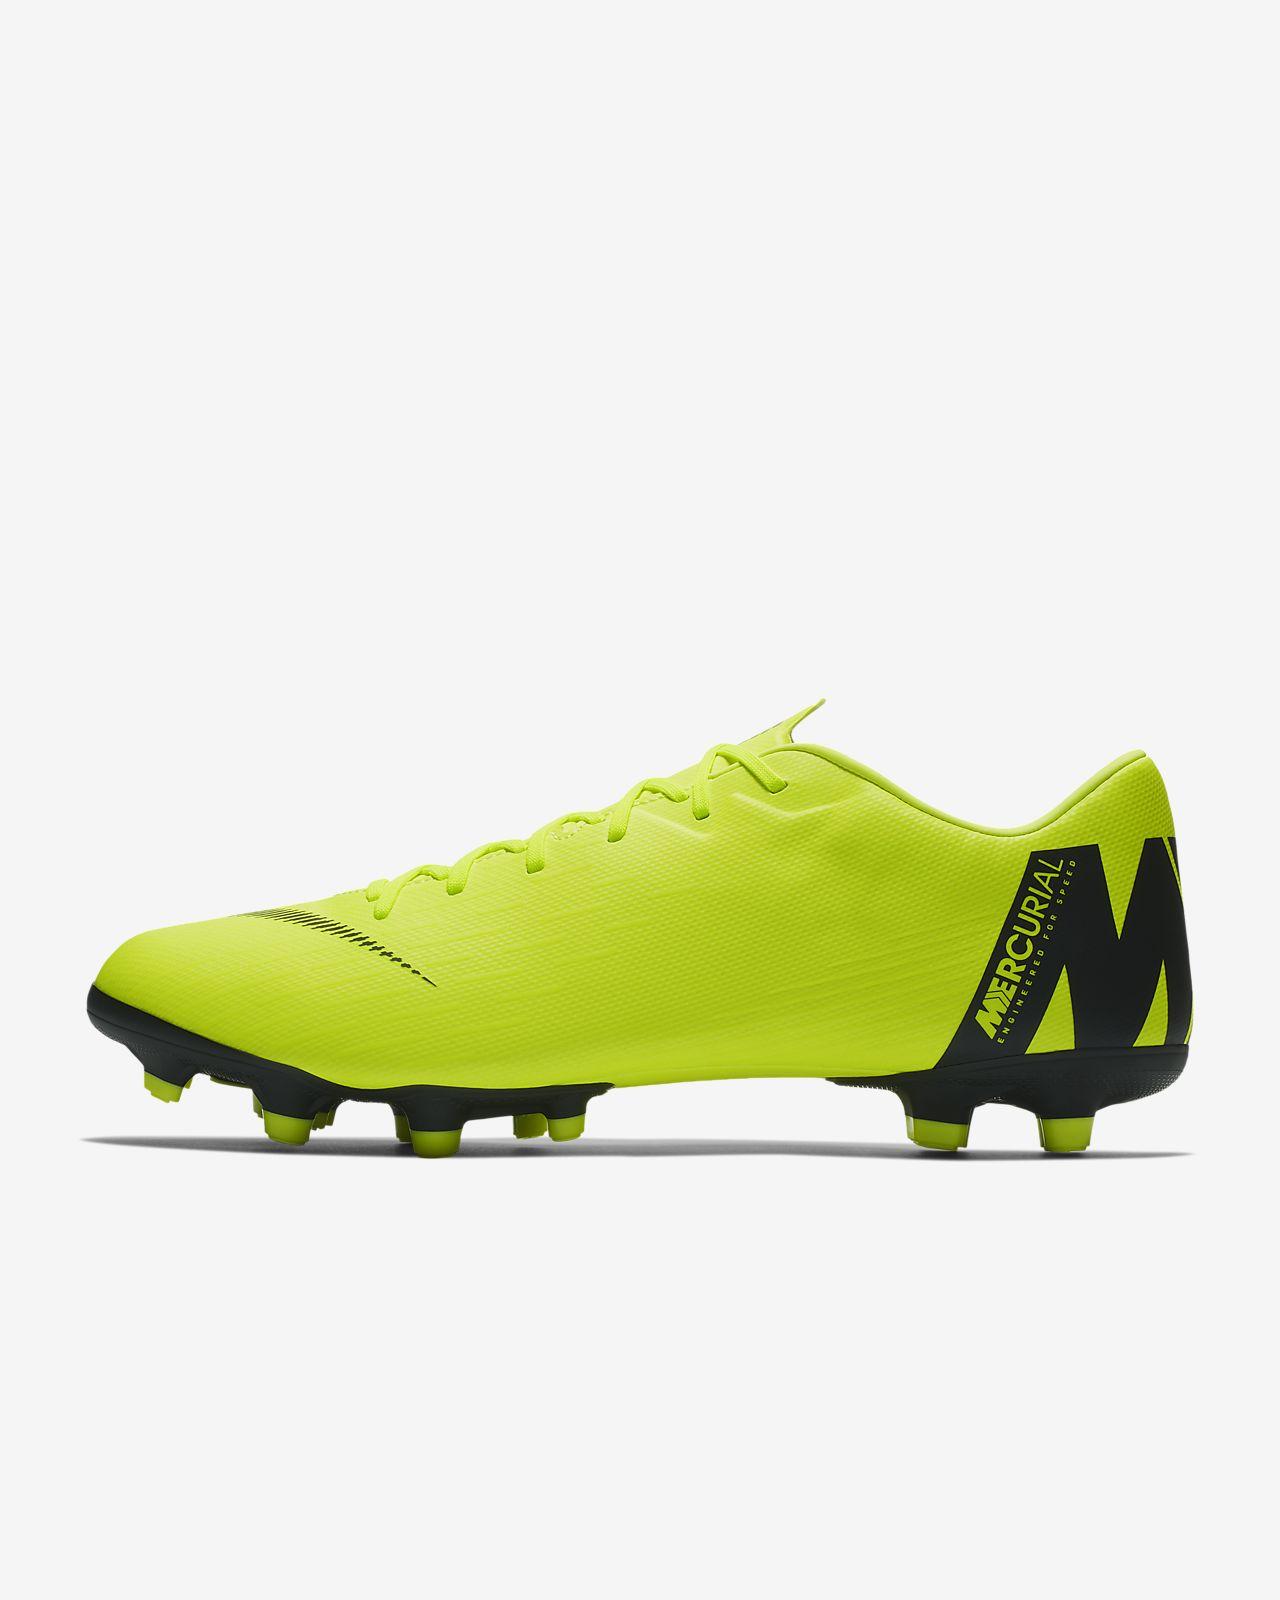 Calzado de fútbol para múltiples superficies Nike Vapor 12 Academy ... a074a71260365